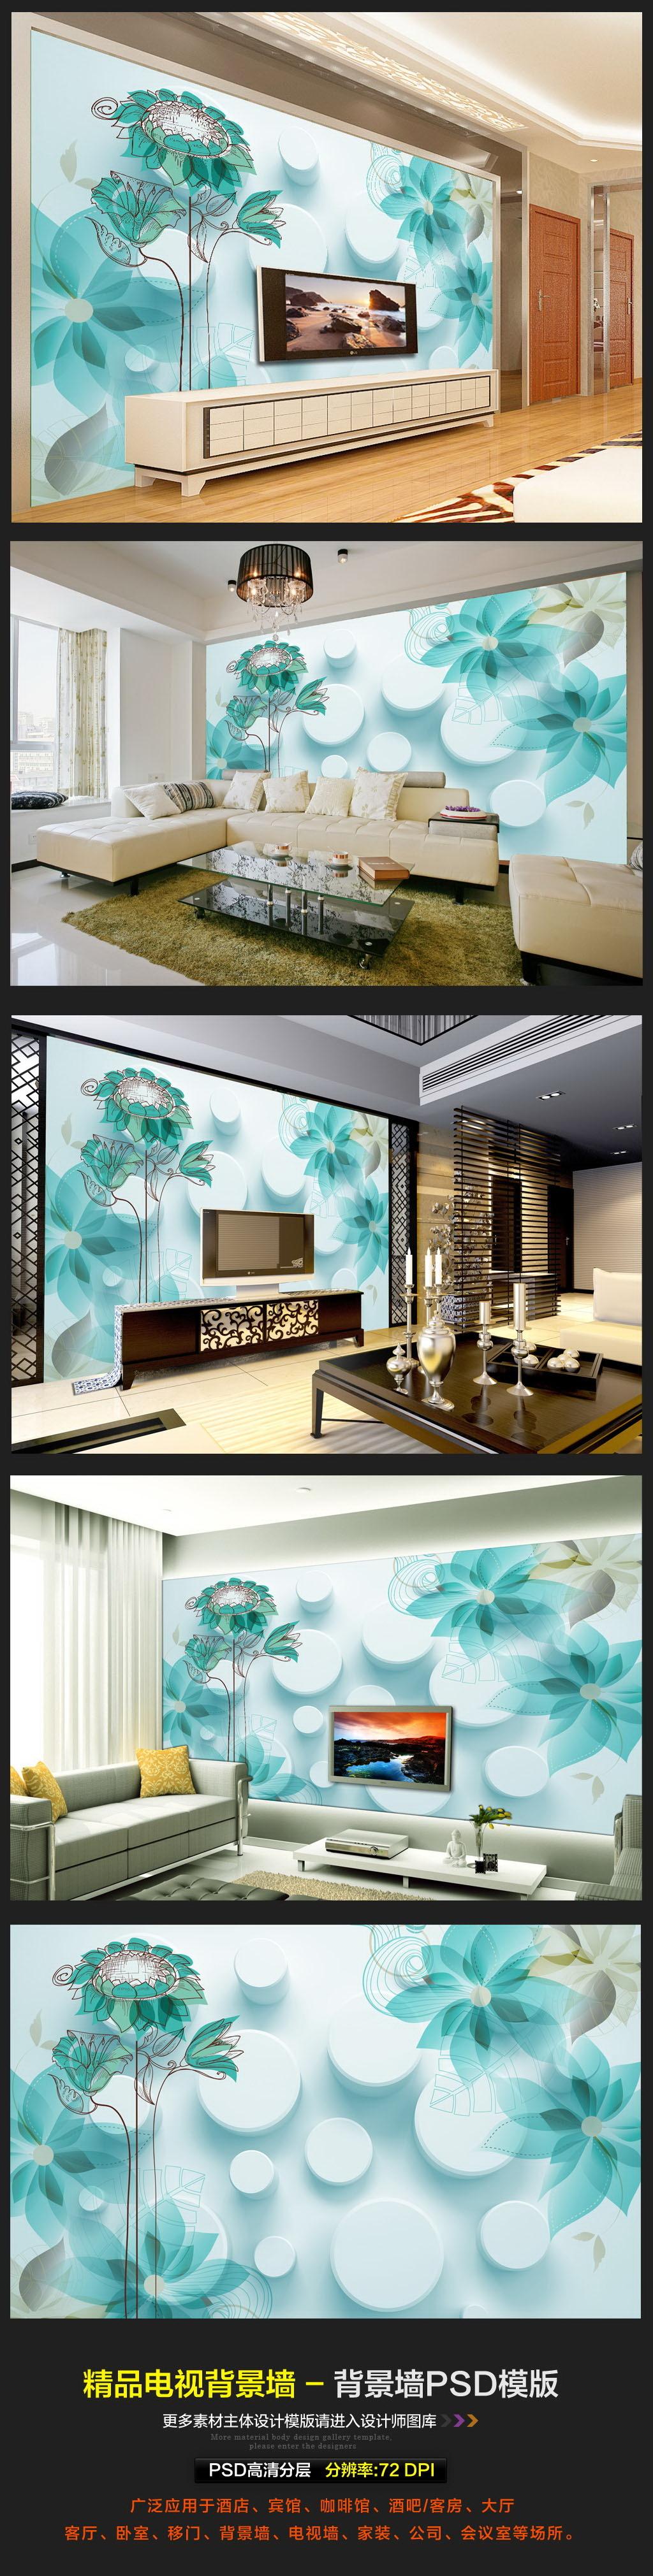 欧式唯美3d立体手绘向日葵电视背景墙